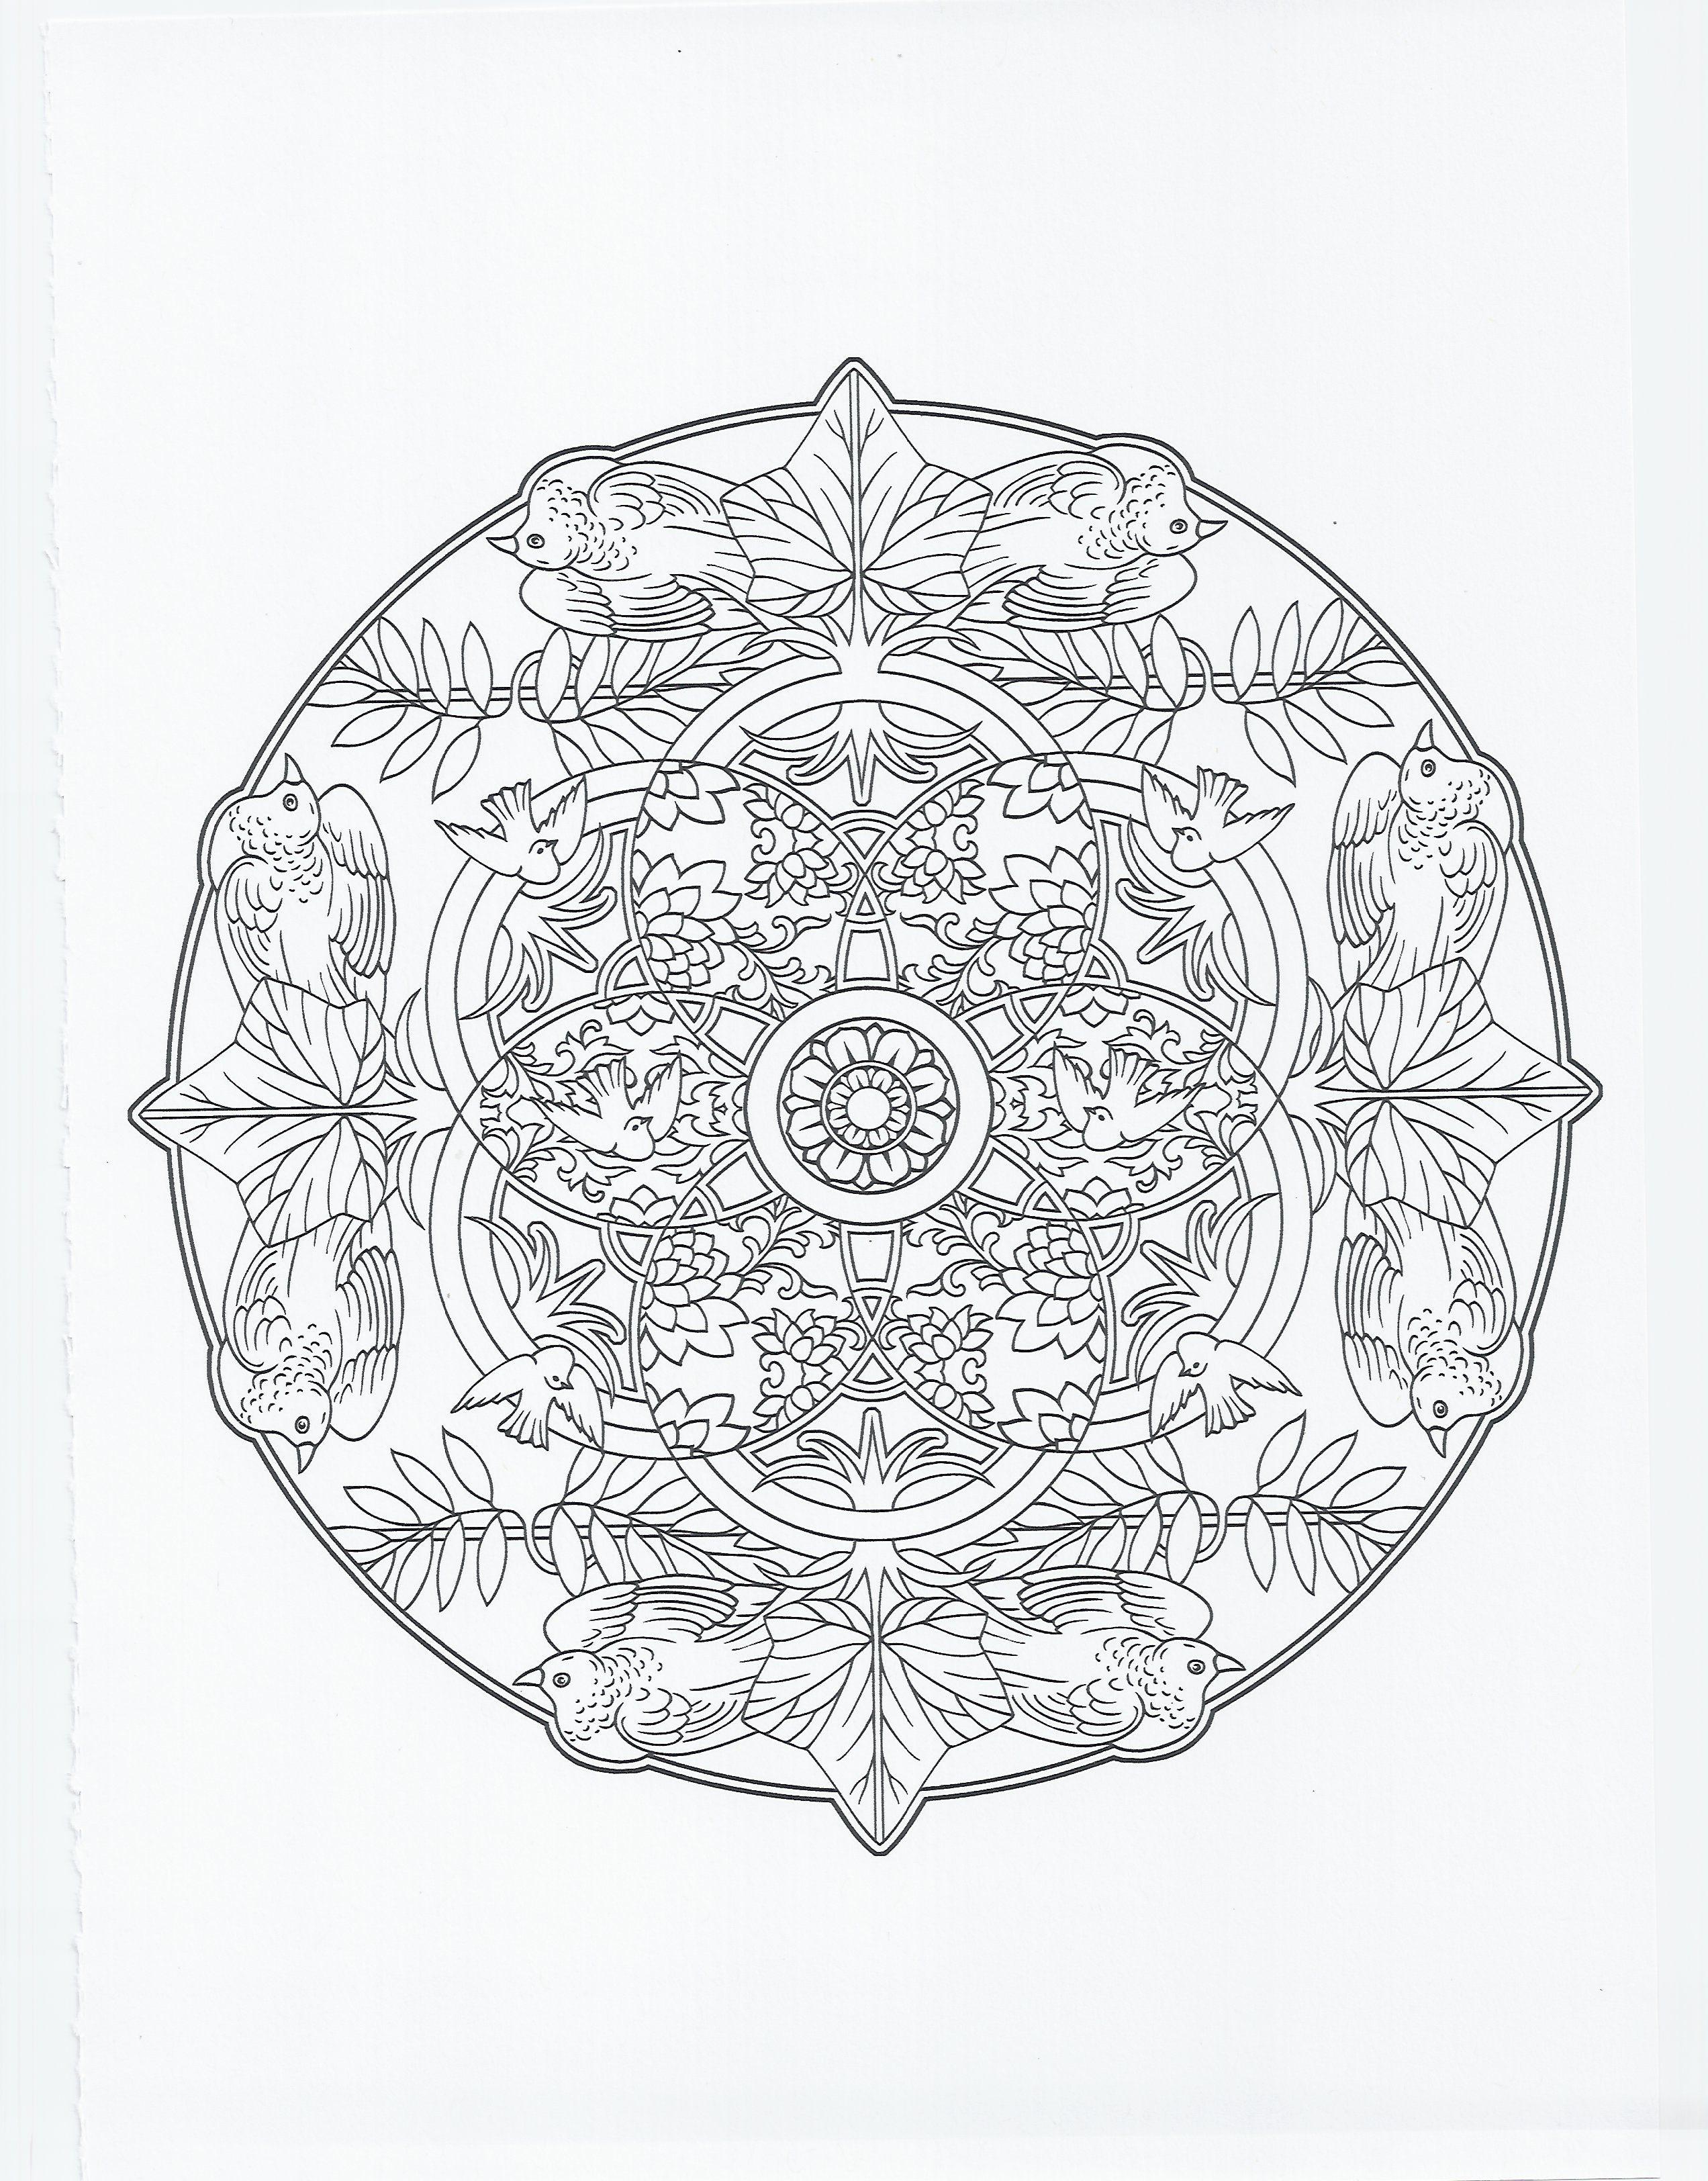 Mandala Zum Ausdrucken Rosen Einzigartig 28 Schön Ausmalbilder Mandala Tiere Mickeycarrollmunchkin Fotografieren